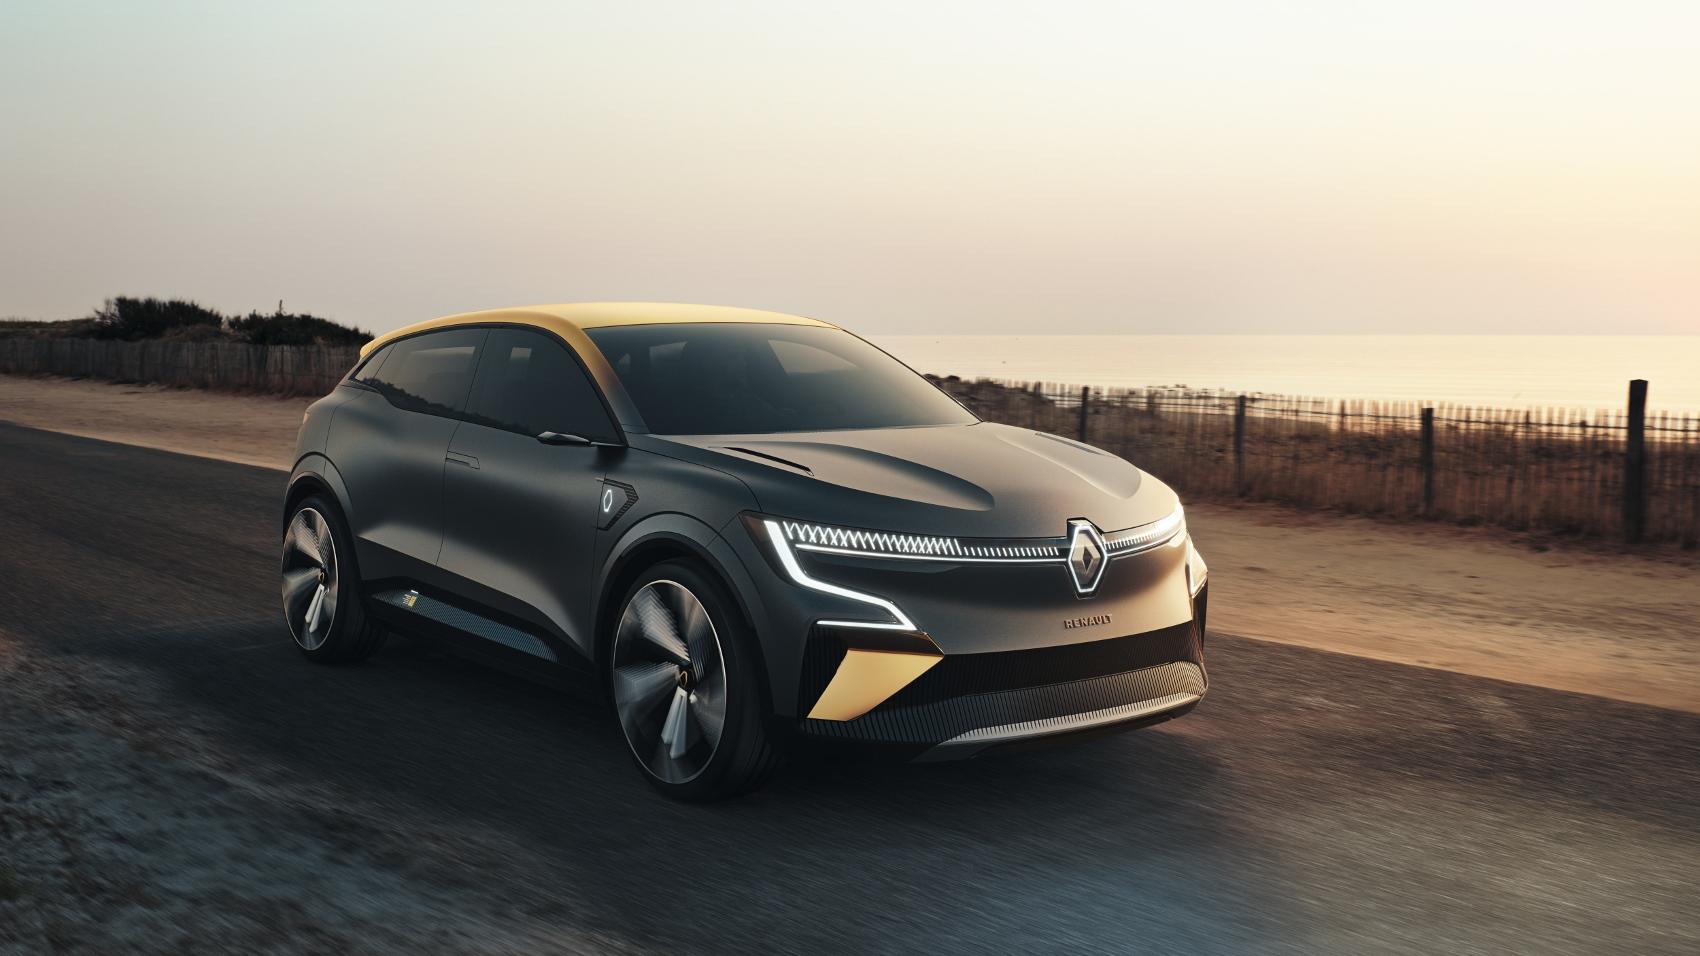 Renault ukázal elektrický koncept Megane. Na tradičný Megane sa nepodobá a8ghLBZNuZ 2020-mgane-evisi